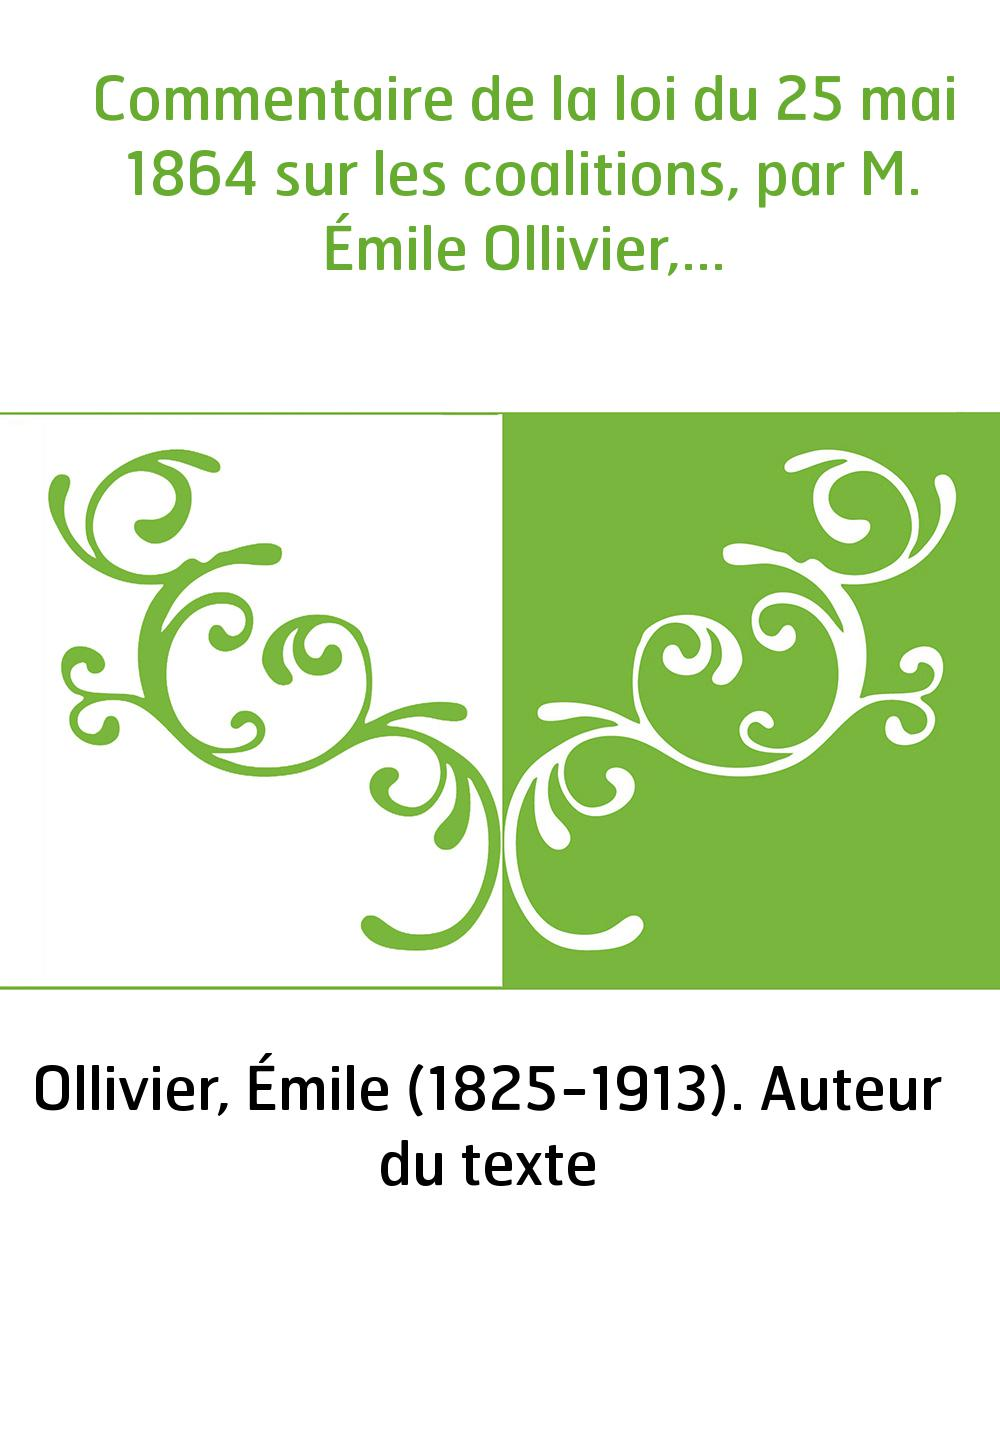 Commentaire de la loi du 25 mai 1864 sur les coalitions, par M. Émile Ollivier,...